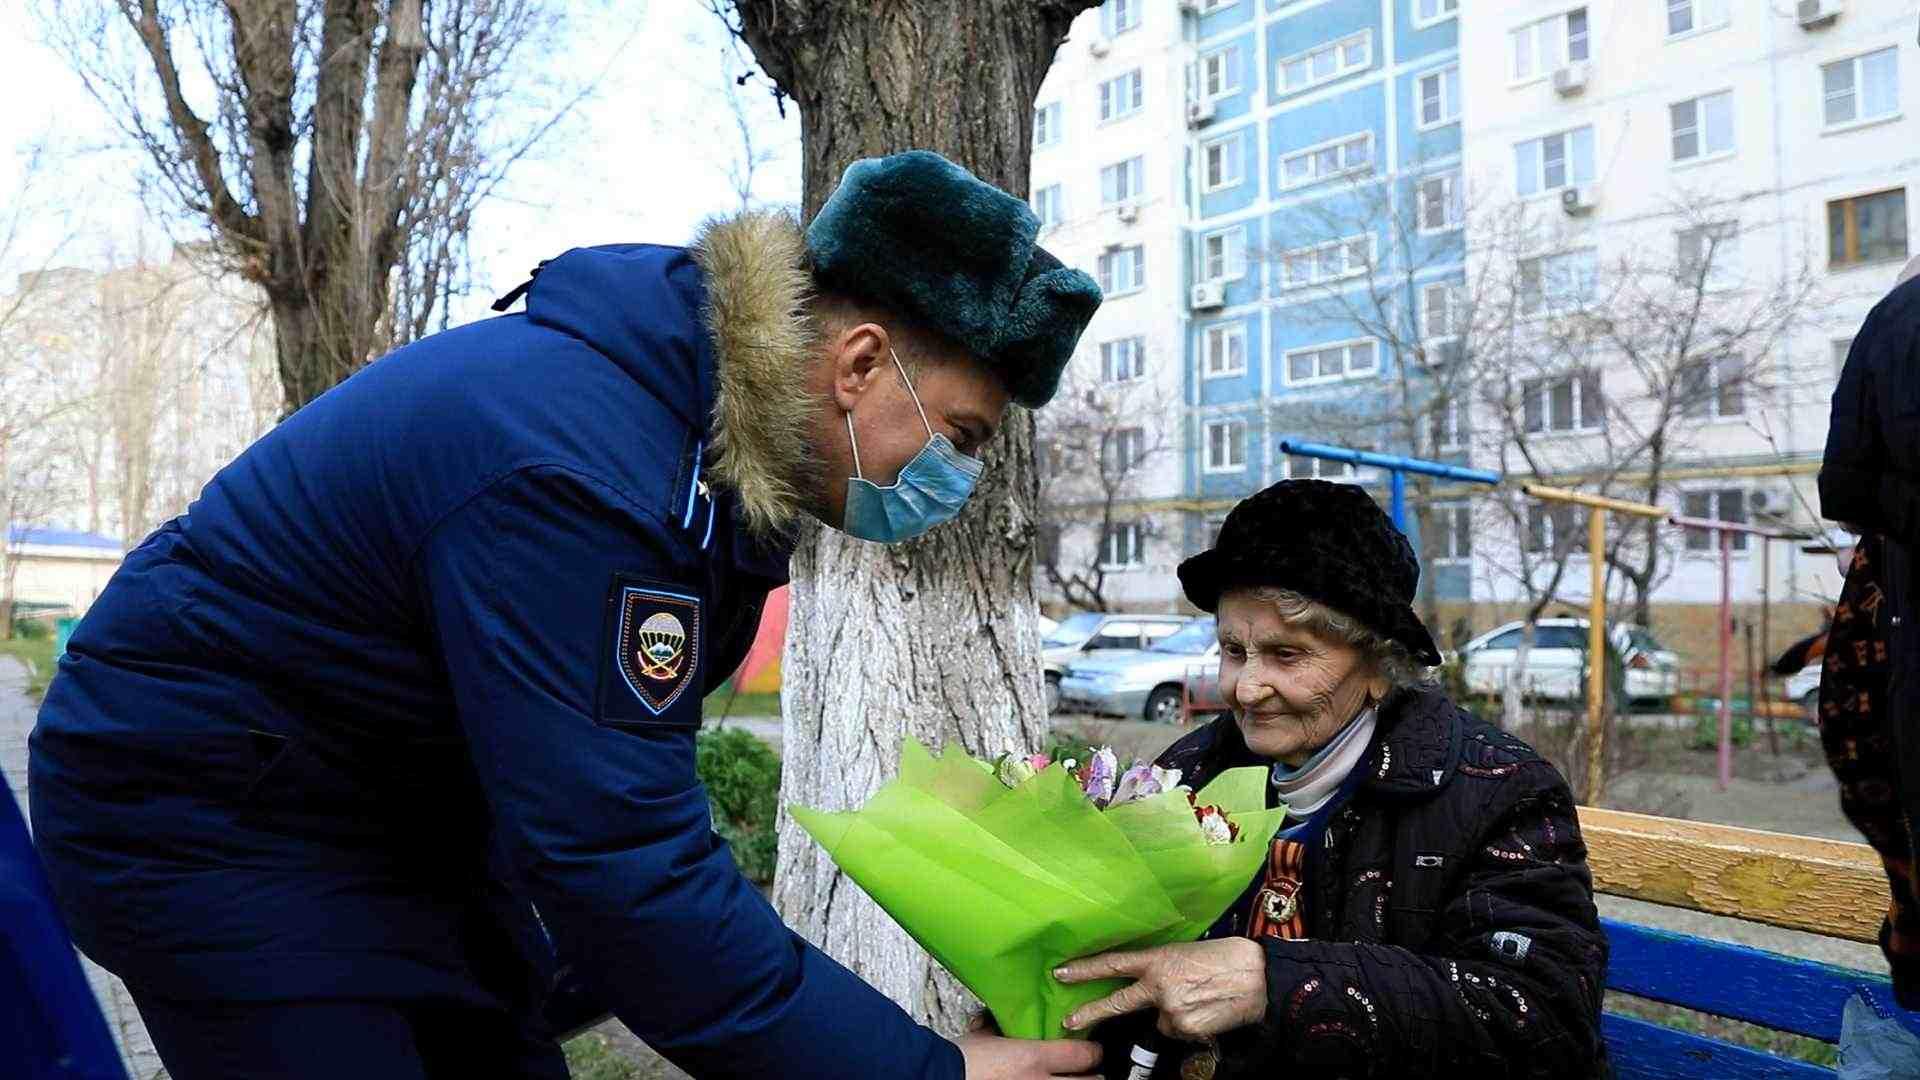 Новороссийские десантники поздравили ветерана войны, которая вытаскивала на себе раненых с Малой Земли